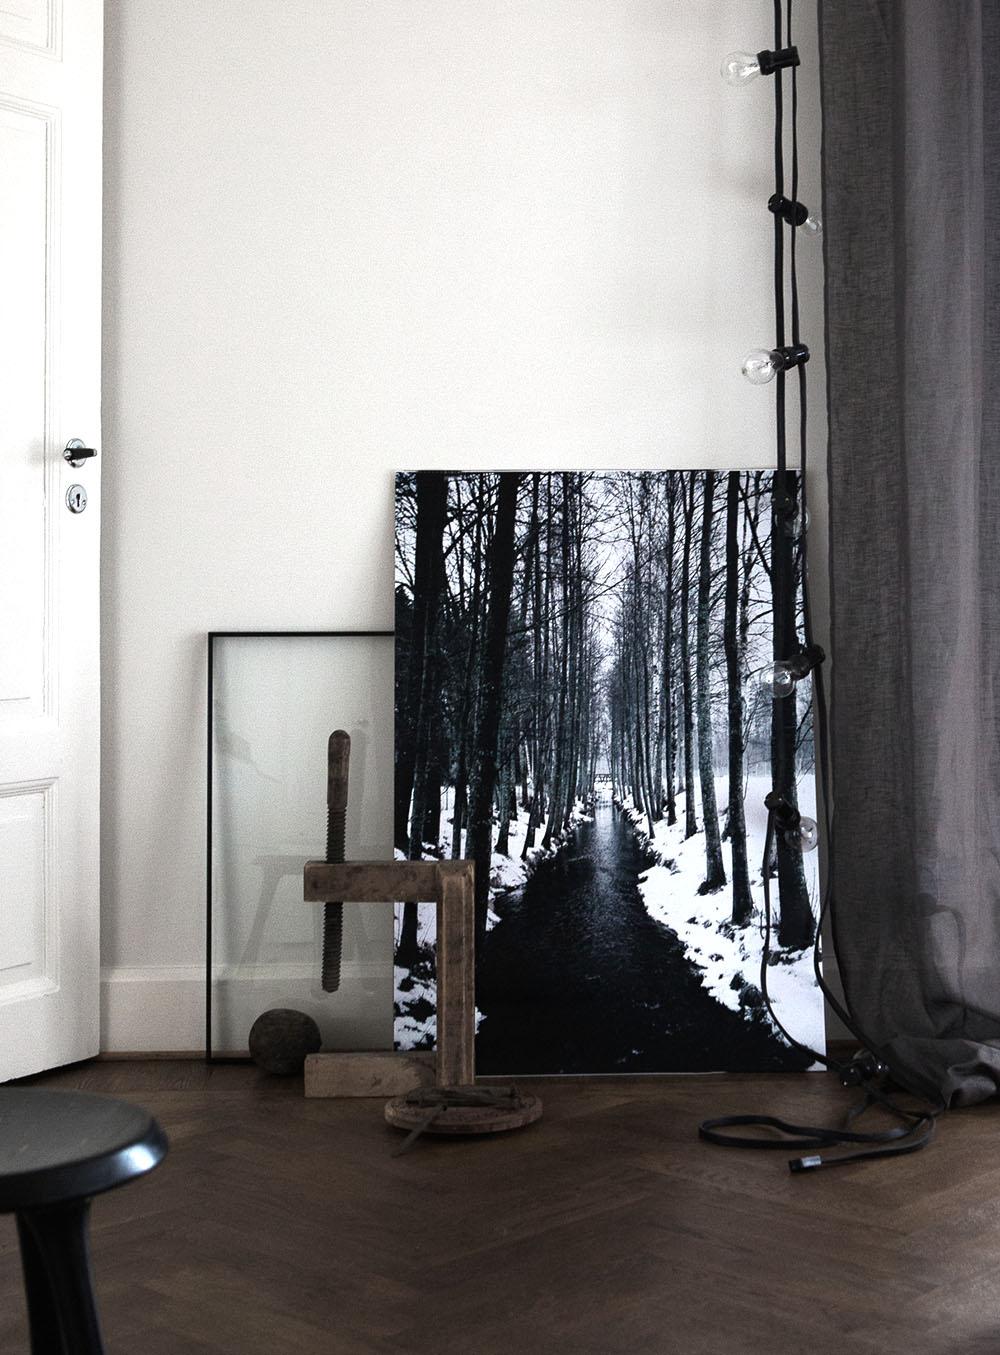 Vinterback bild